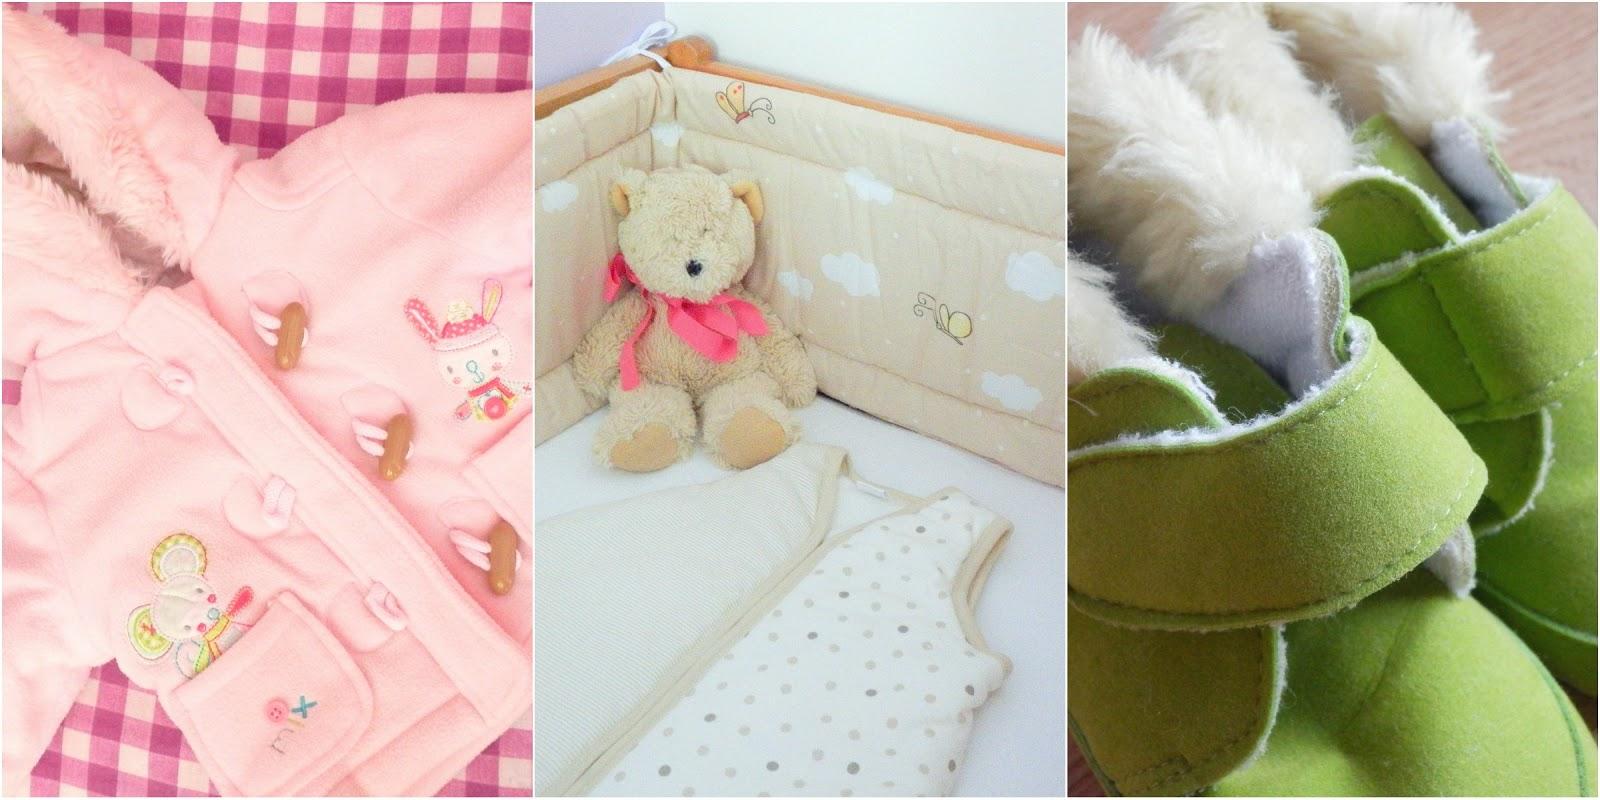 oblečení pro miminko, postýlka pro miminko